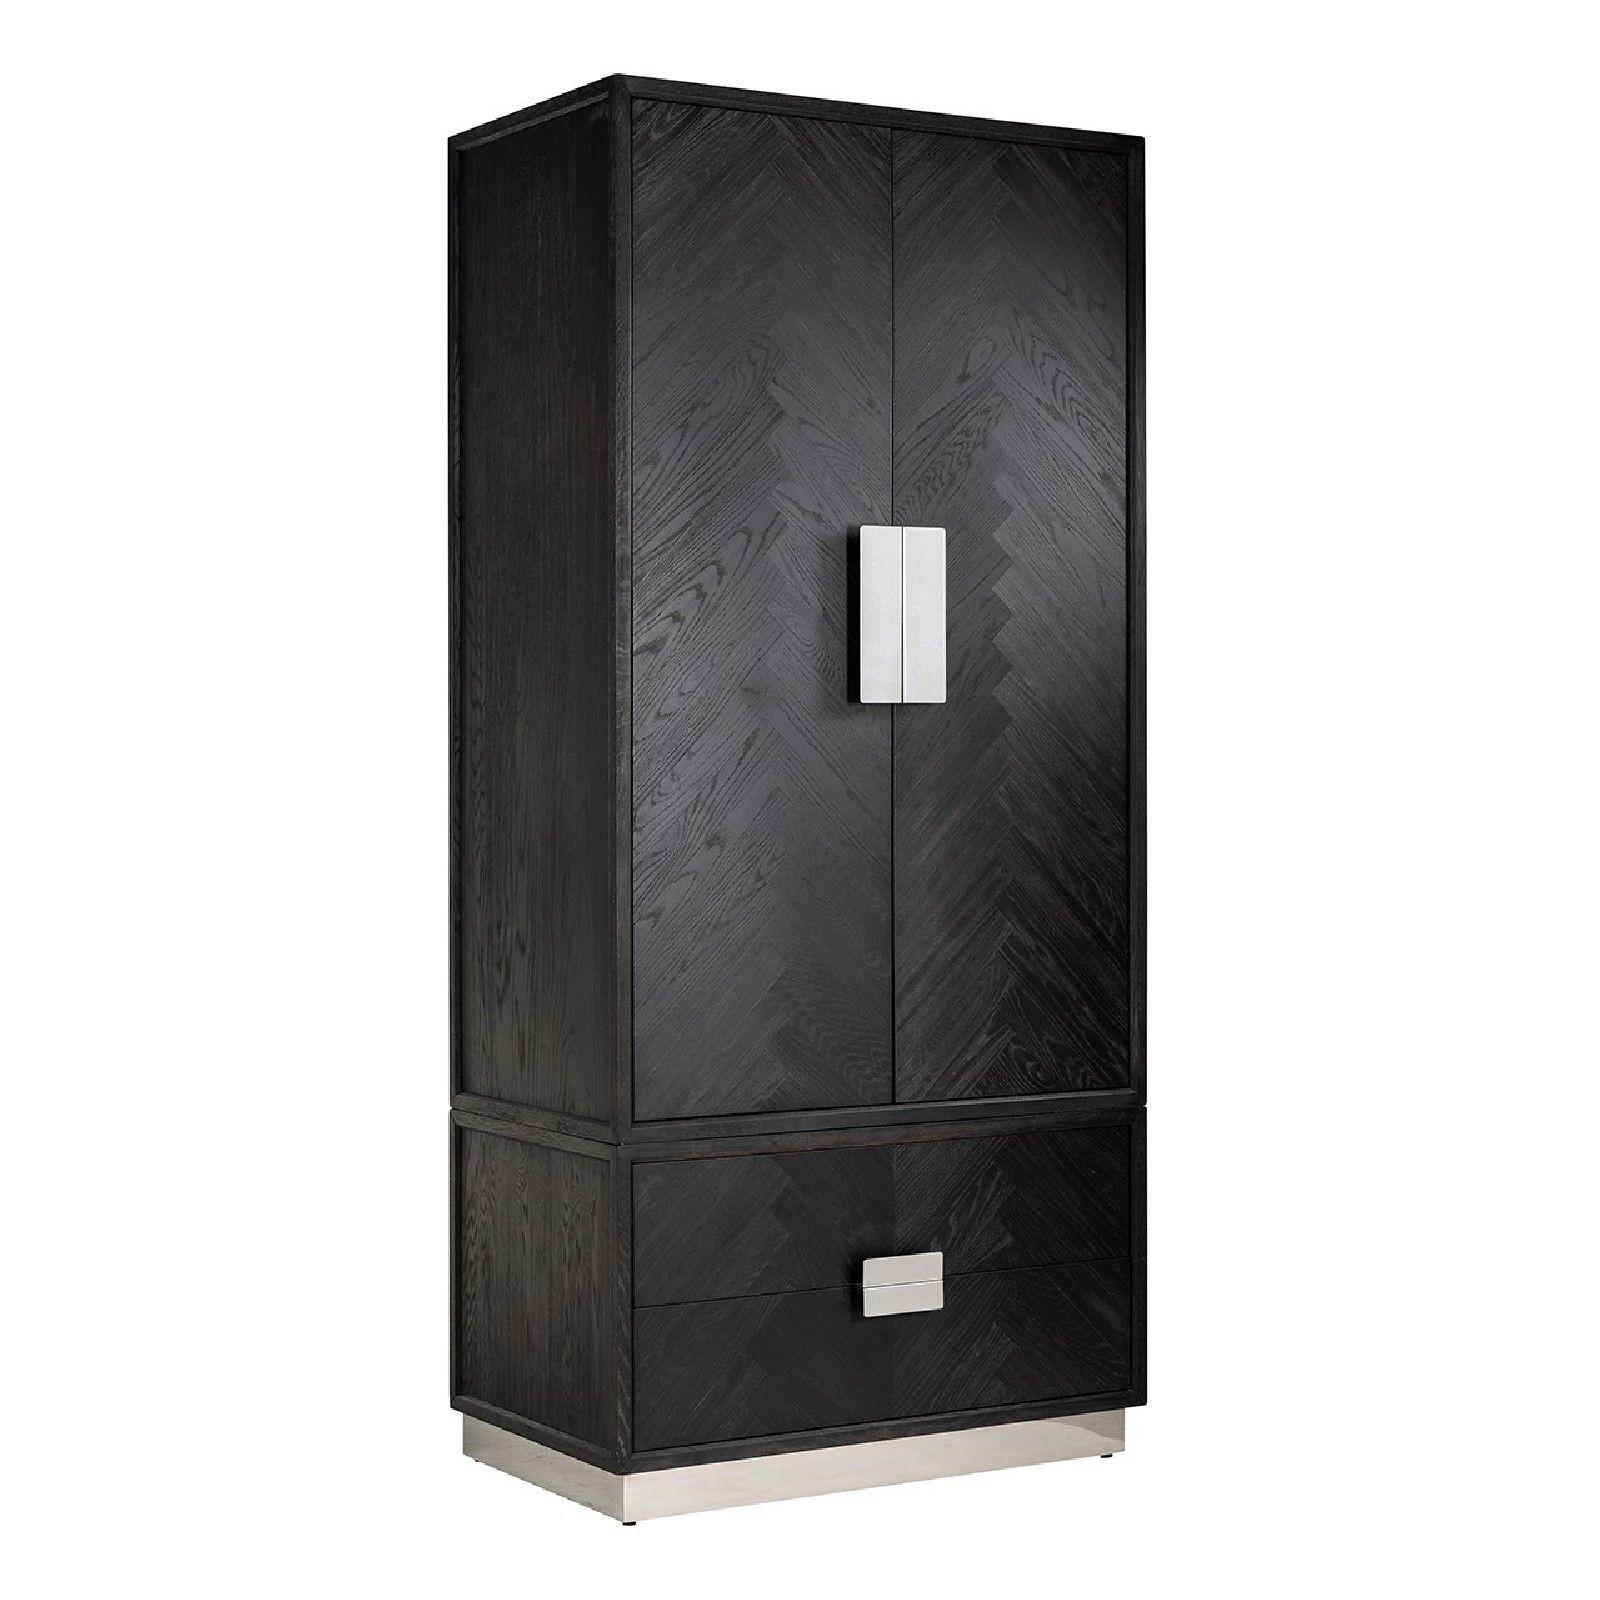 Armoire Blackbone silver avec 2-portes 2-tiroirsPour être utilisé avec des étagères ou suspendus Meuble Déco Tendance - 130